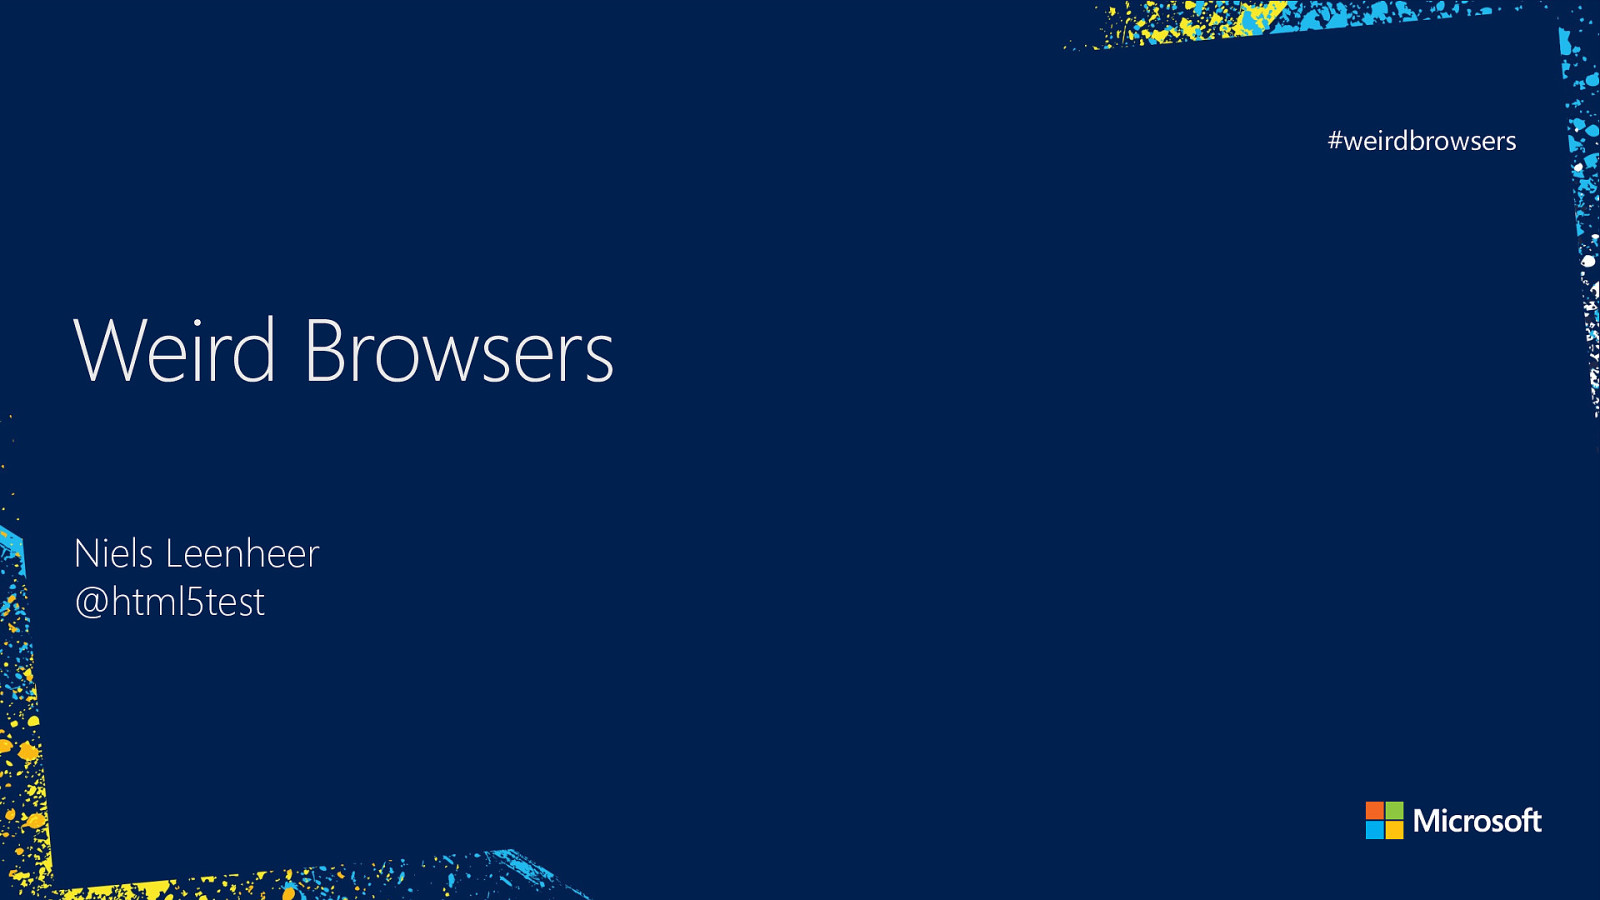 Weird Browsers